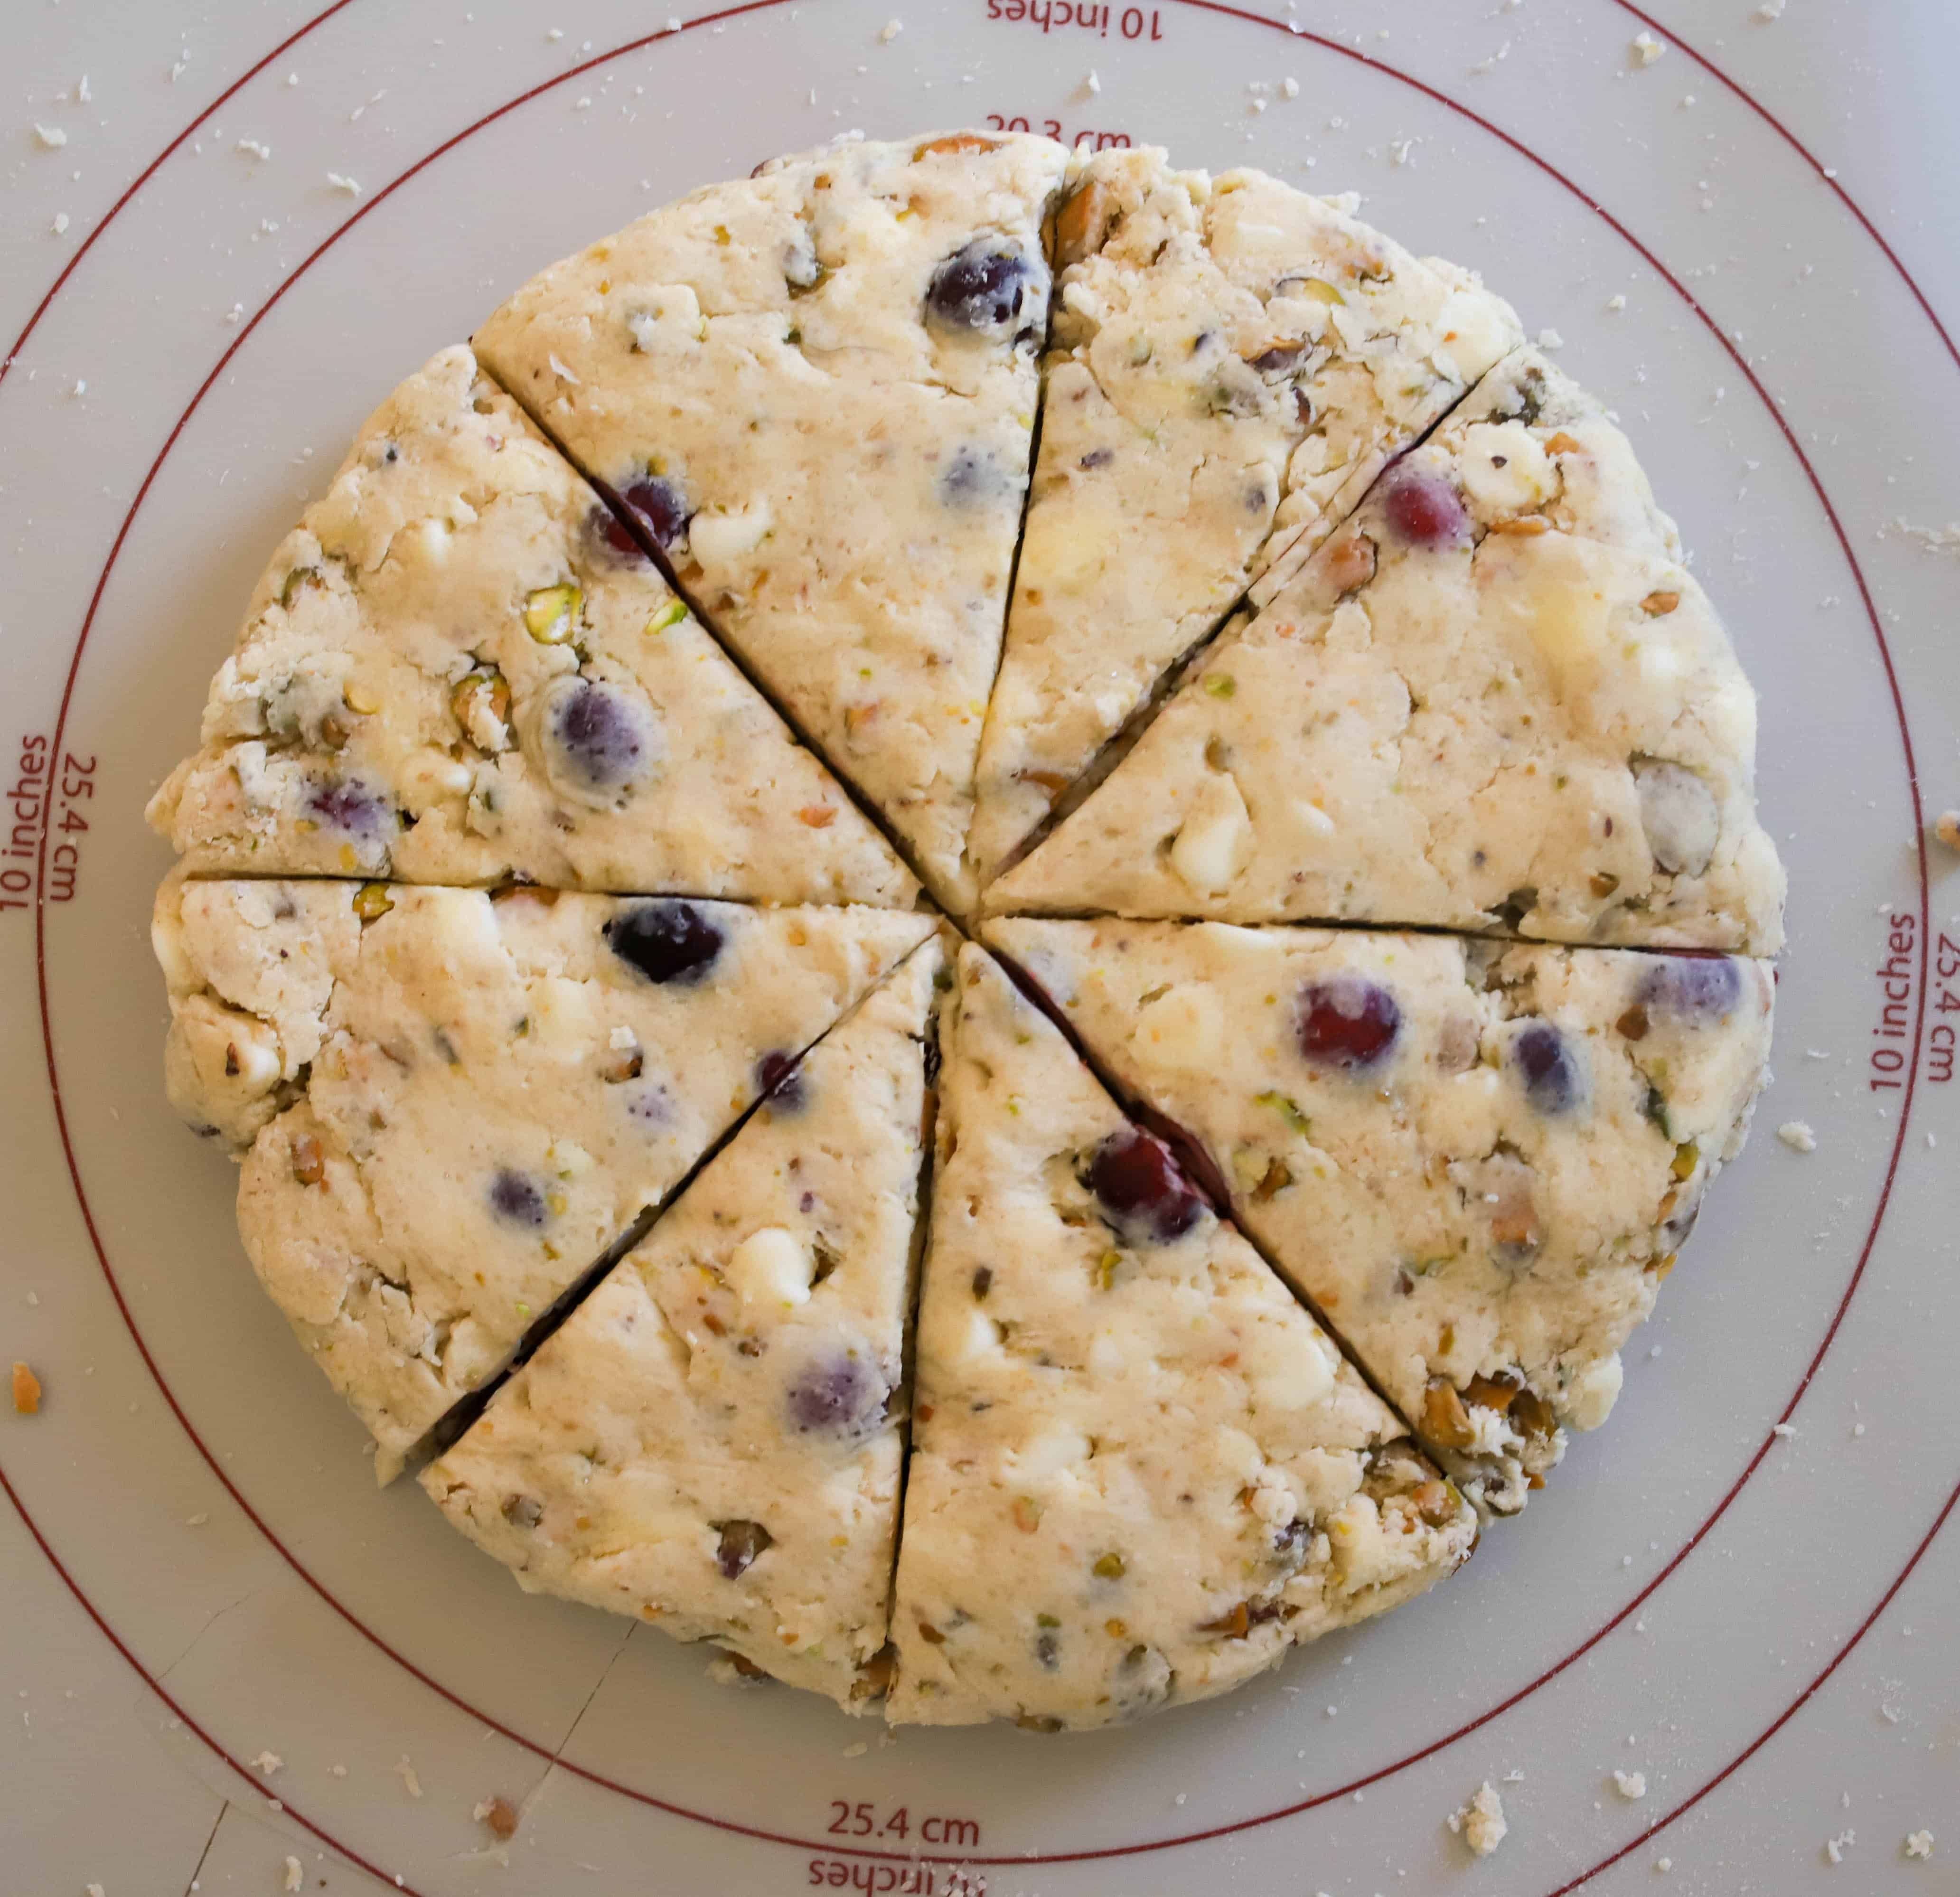 pistachio scones cut into 8 wedges